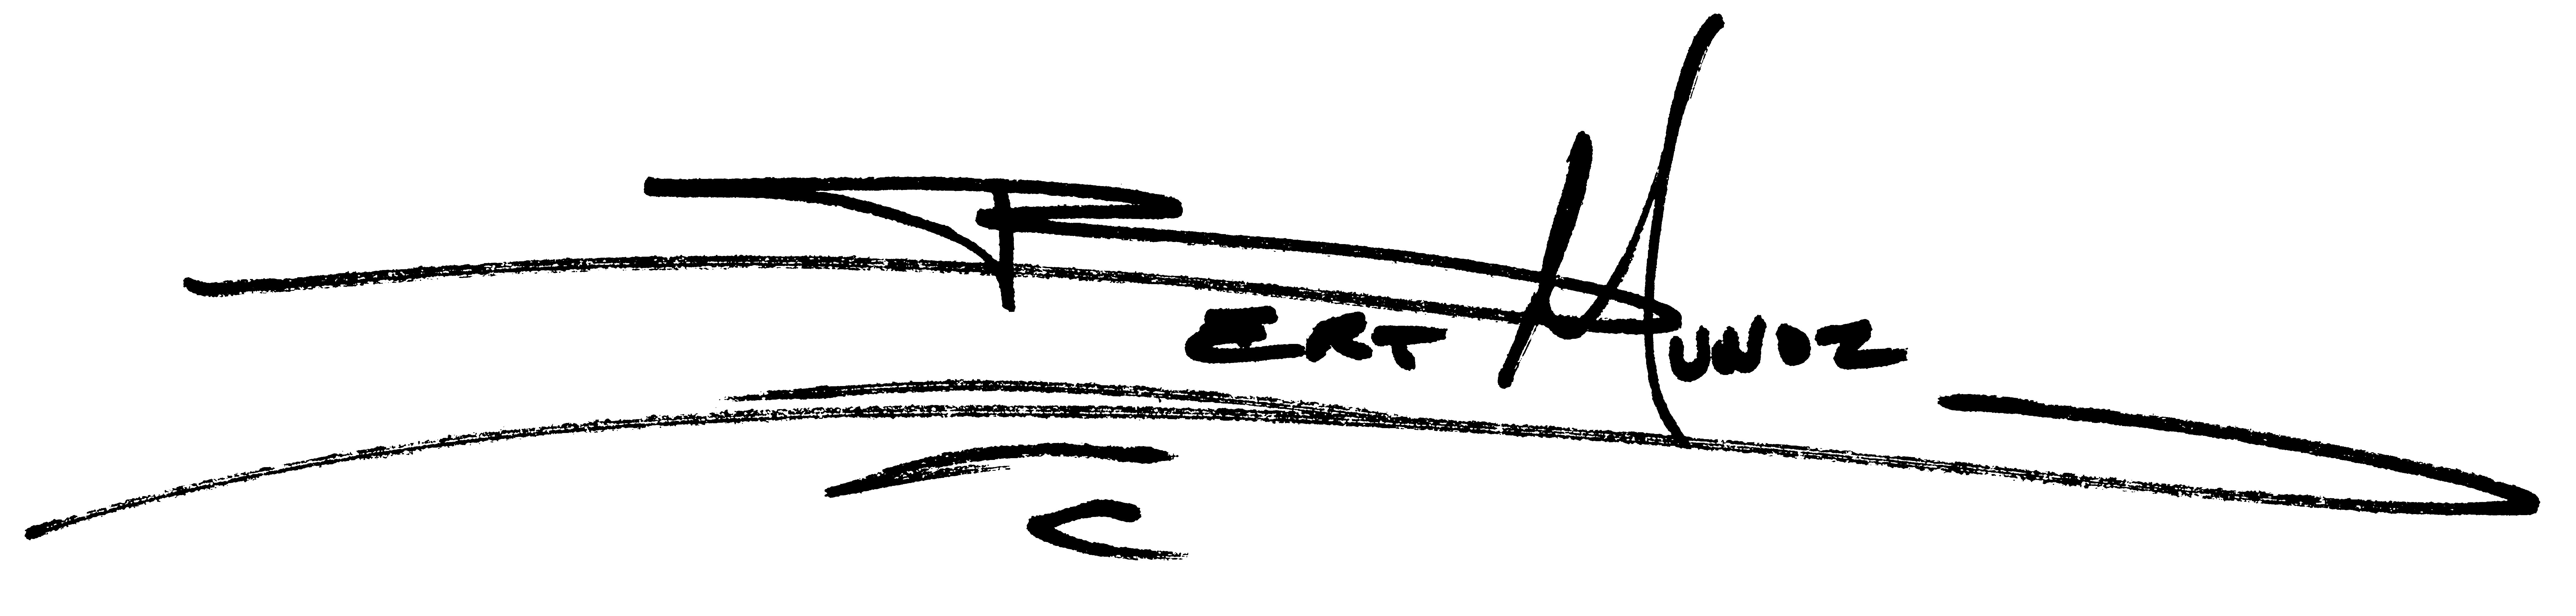 Bert Munoz's Signature